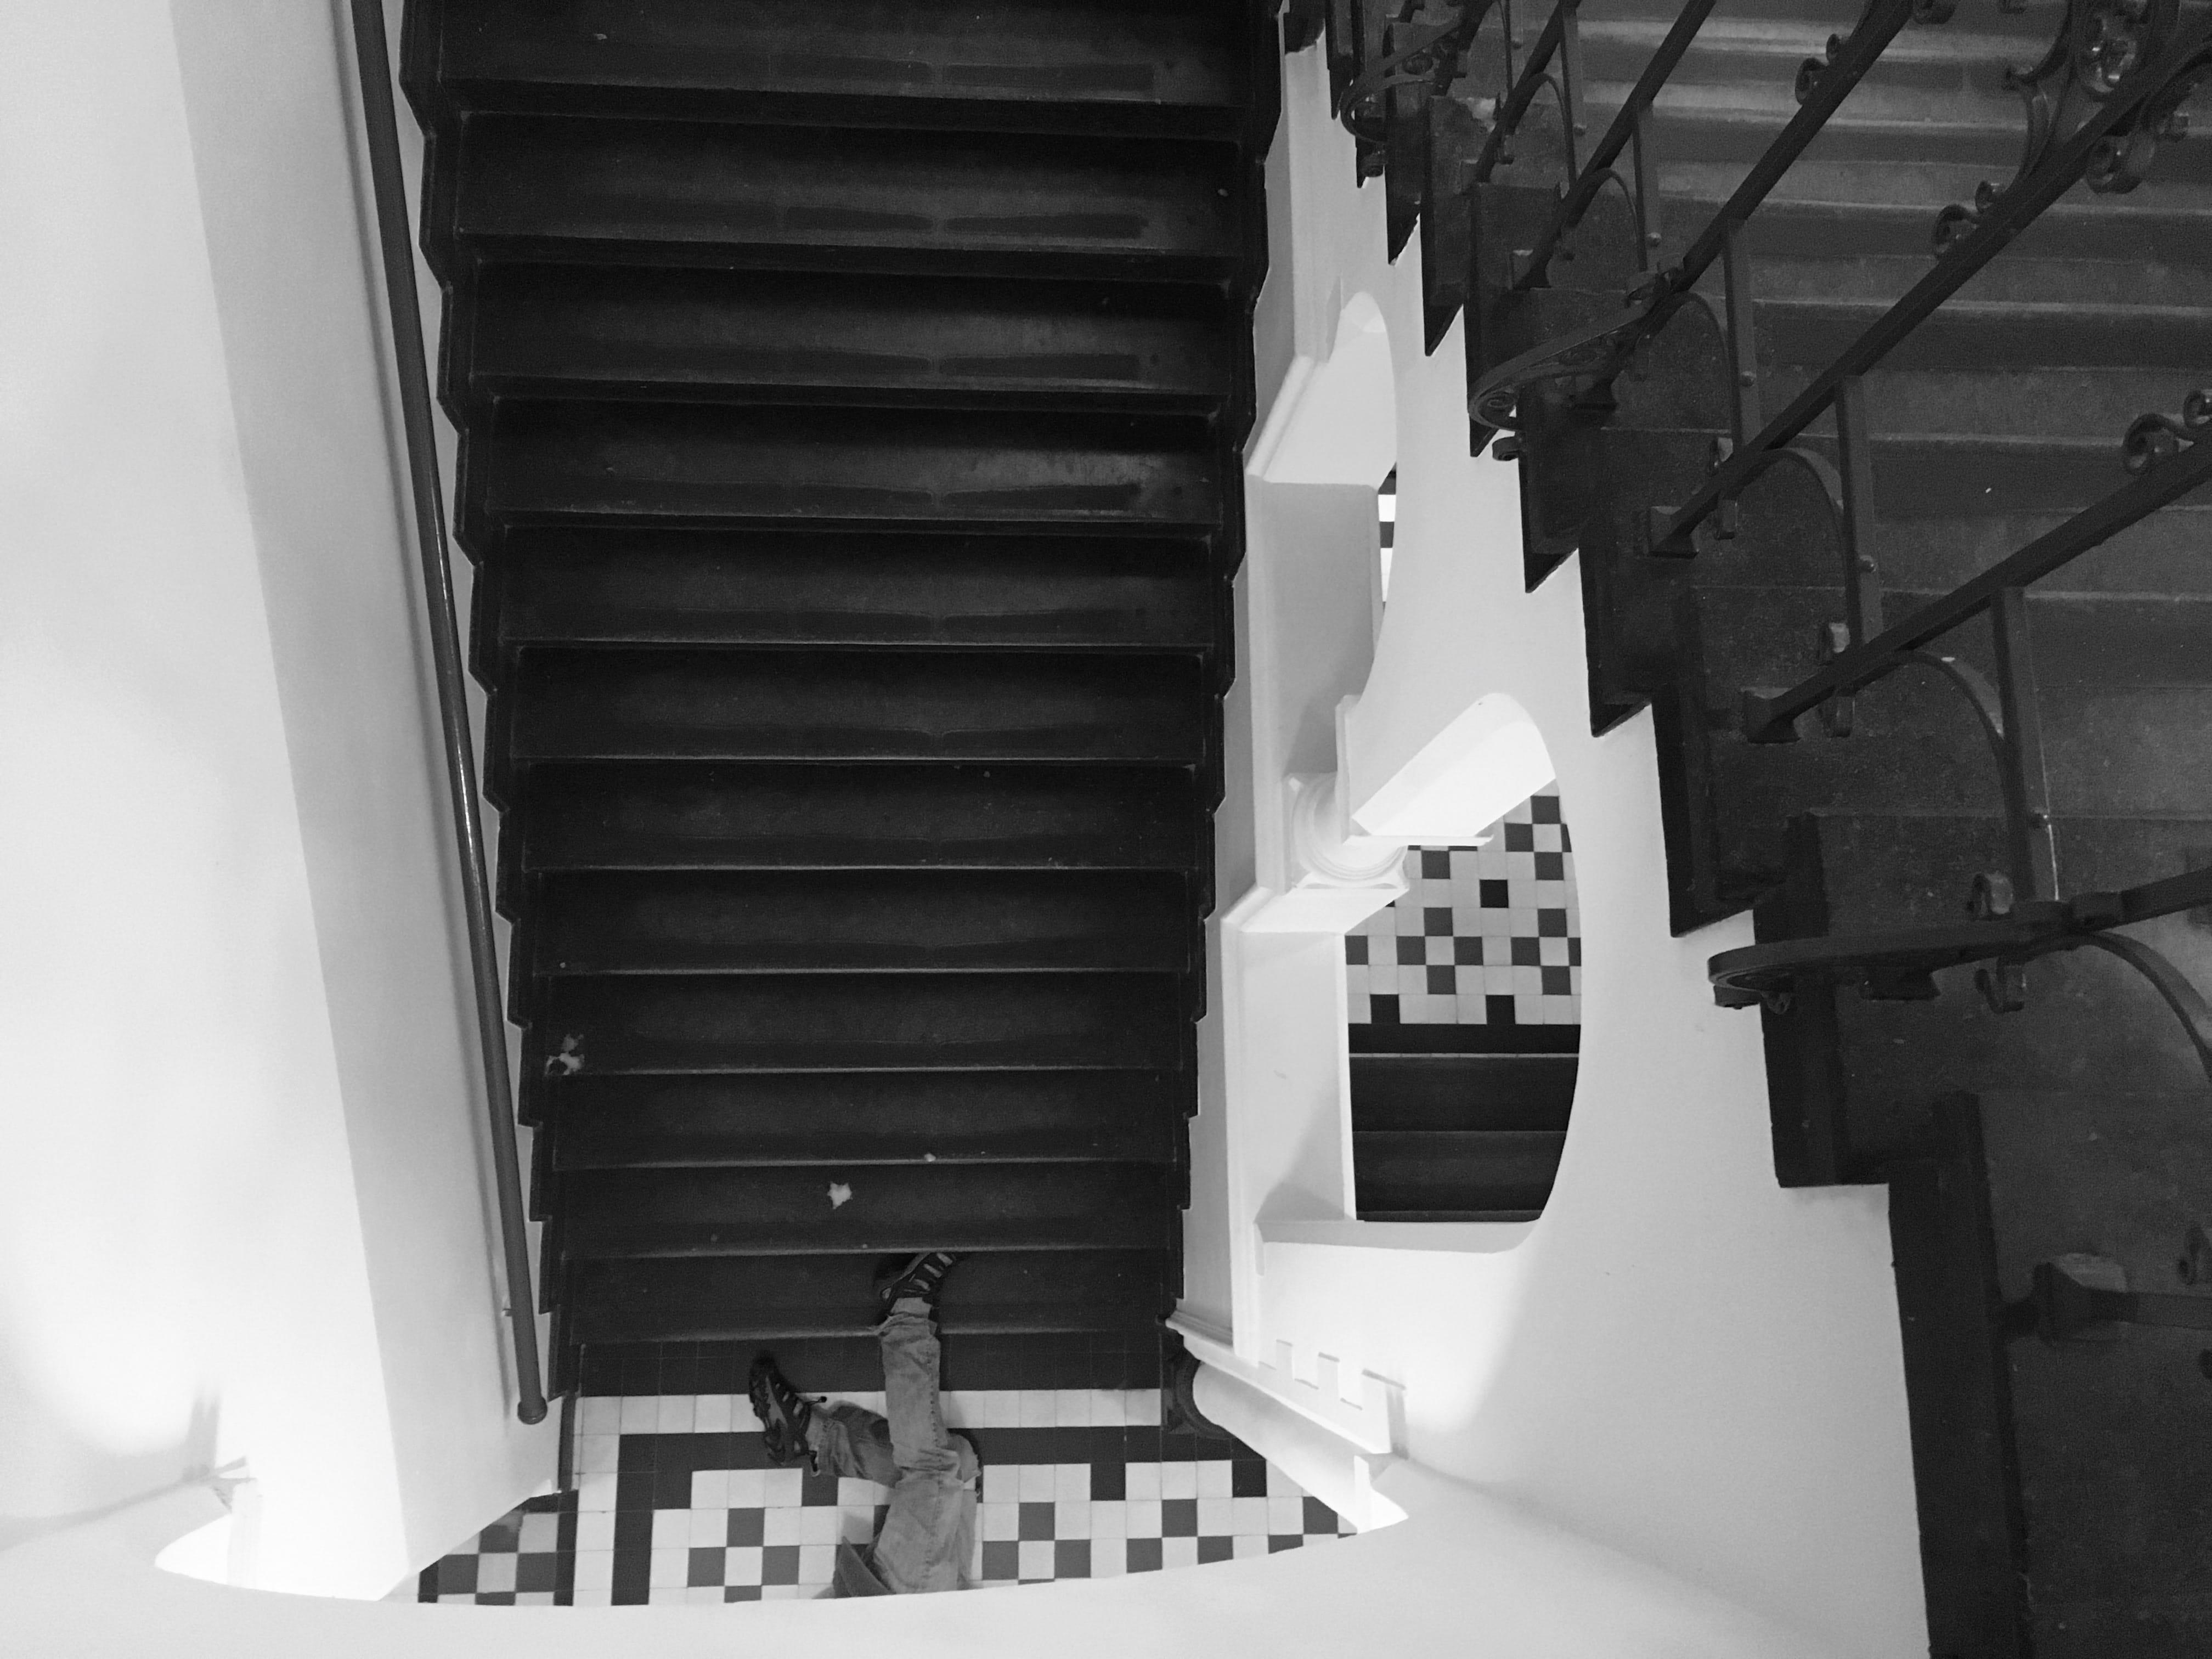 TE-SERIE-STAIRS-IMG_1446.JPG